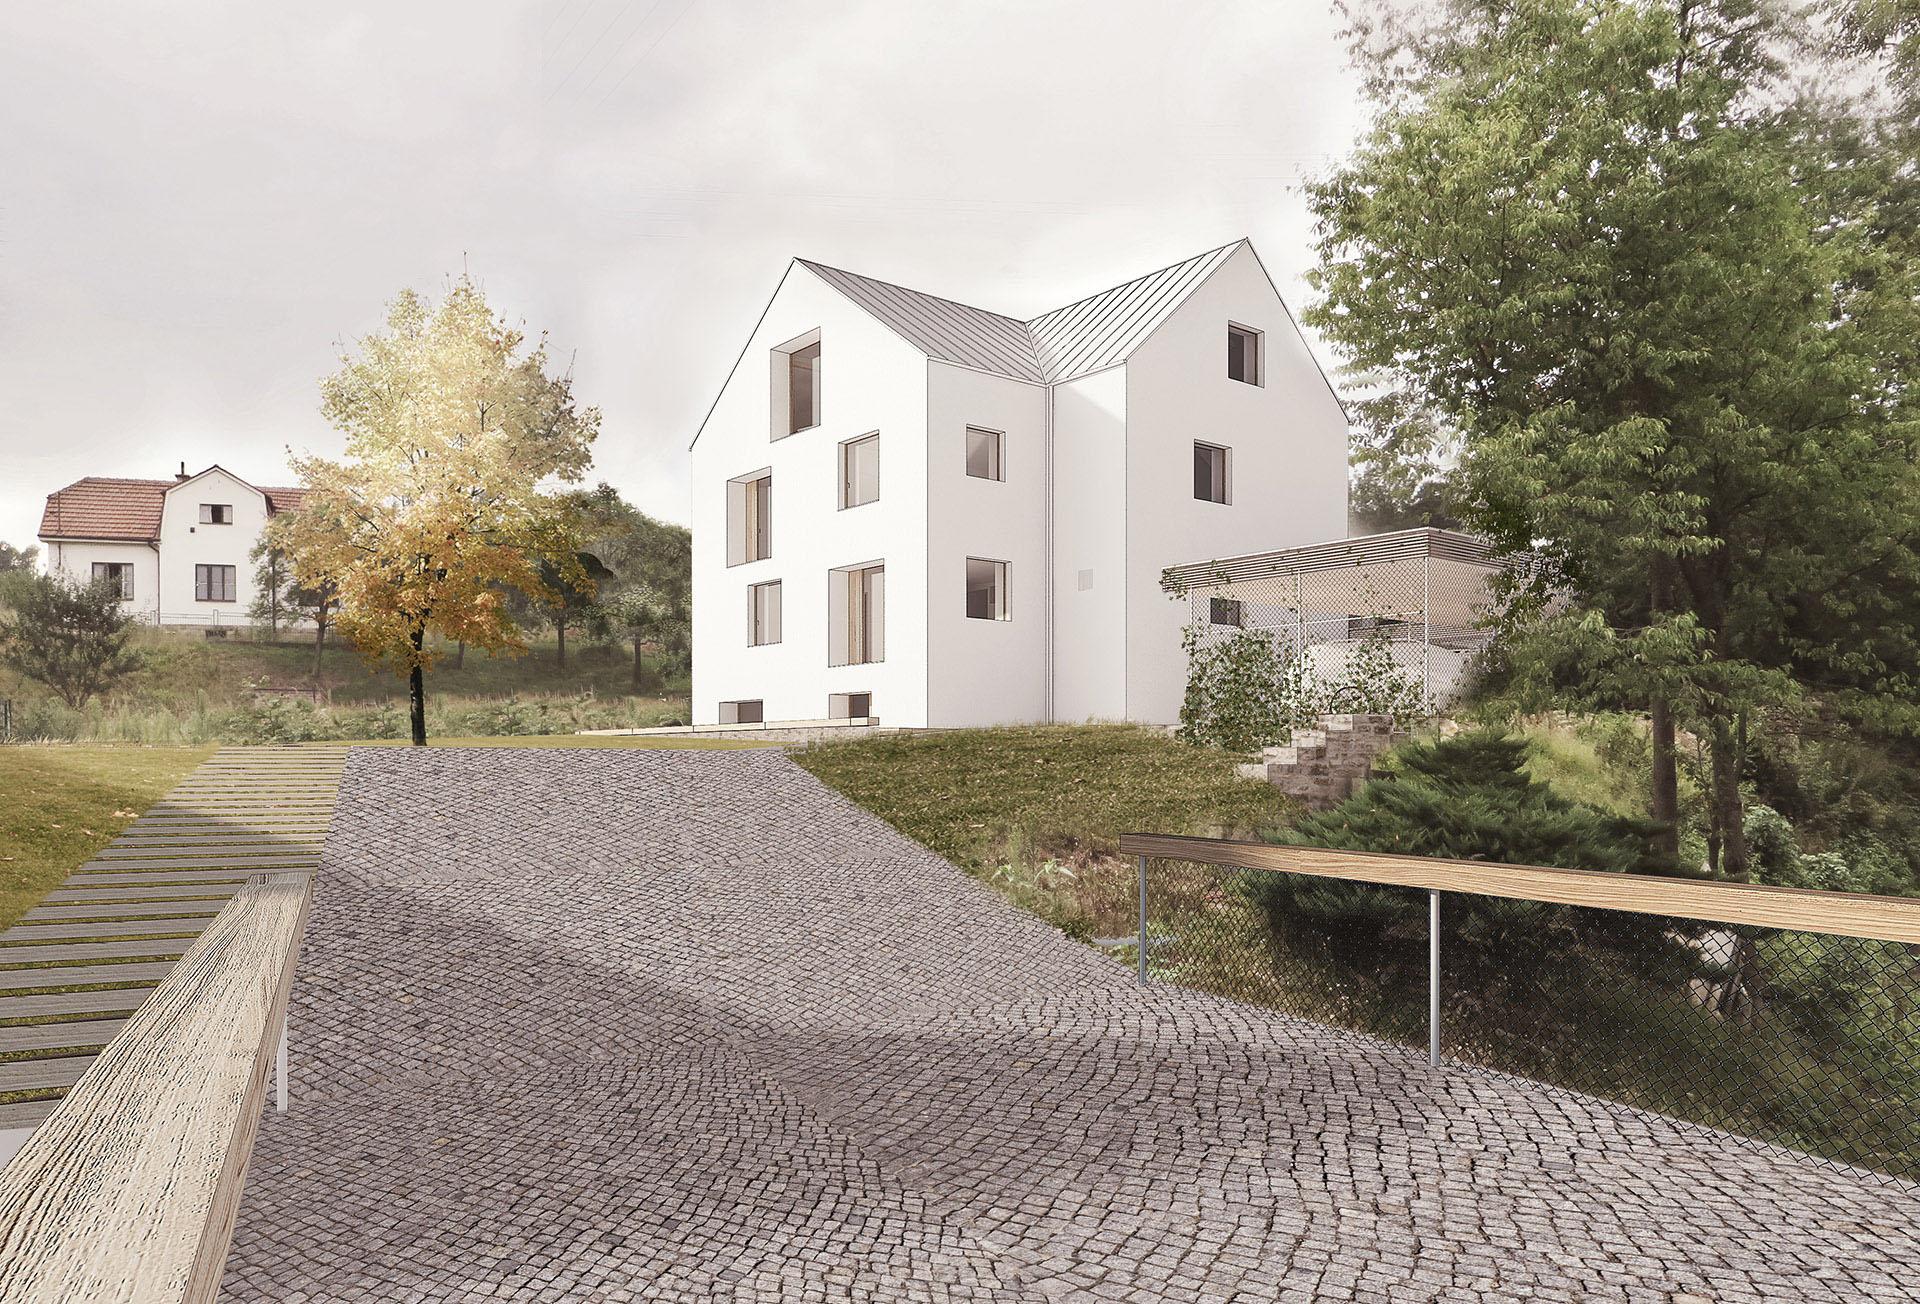 Vila Pozlovice vizualizace návrhu s bílou fasádou a dřevěnými okny